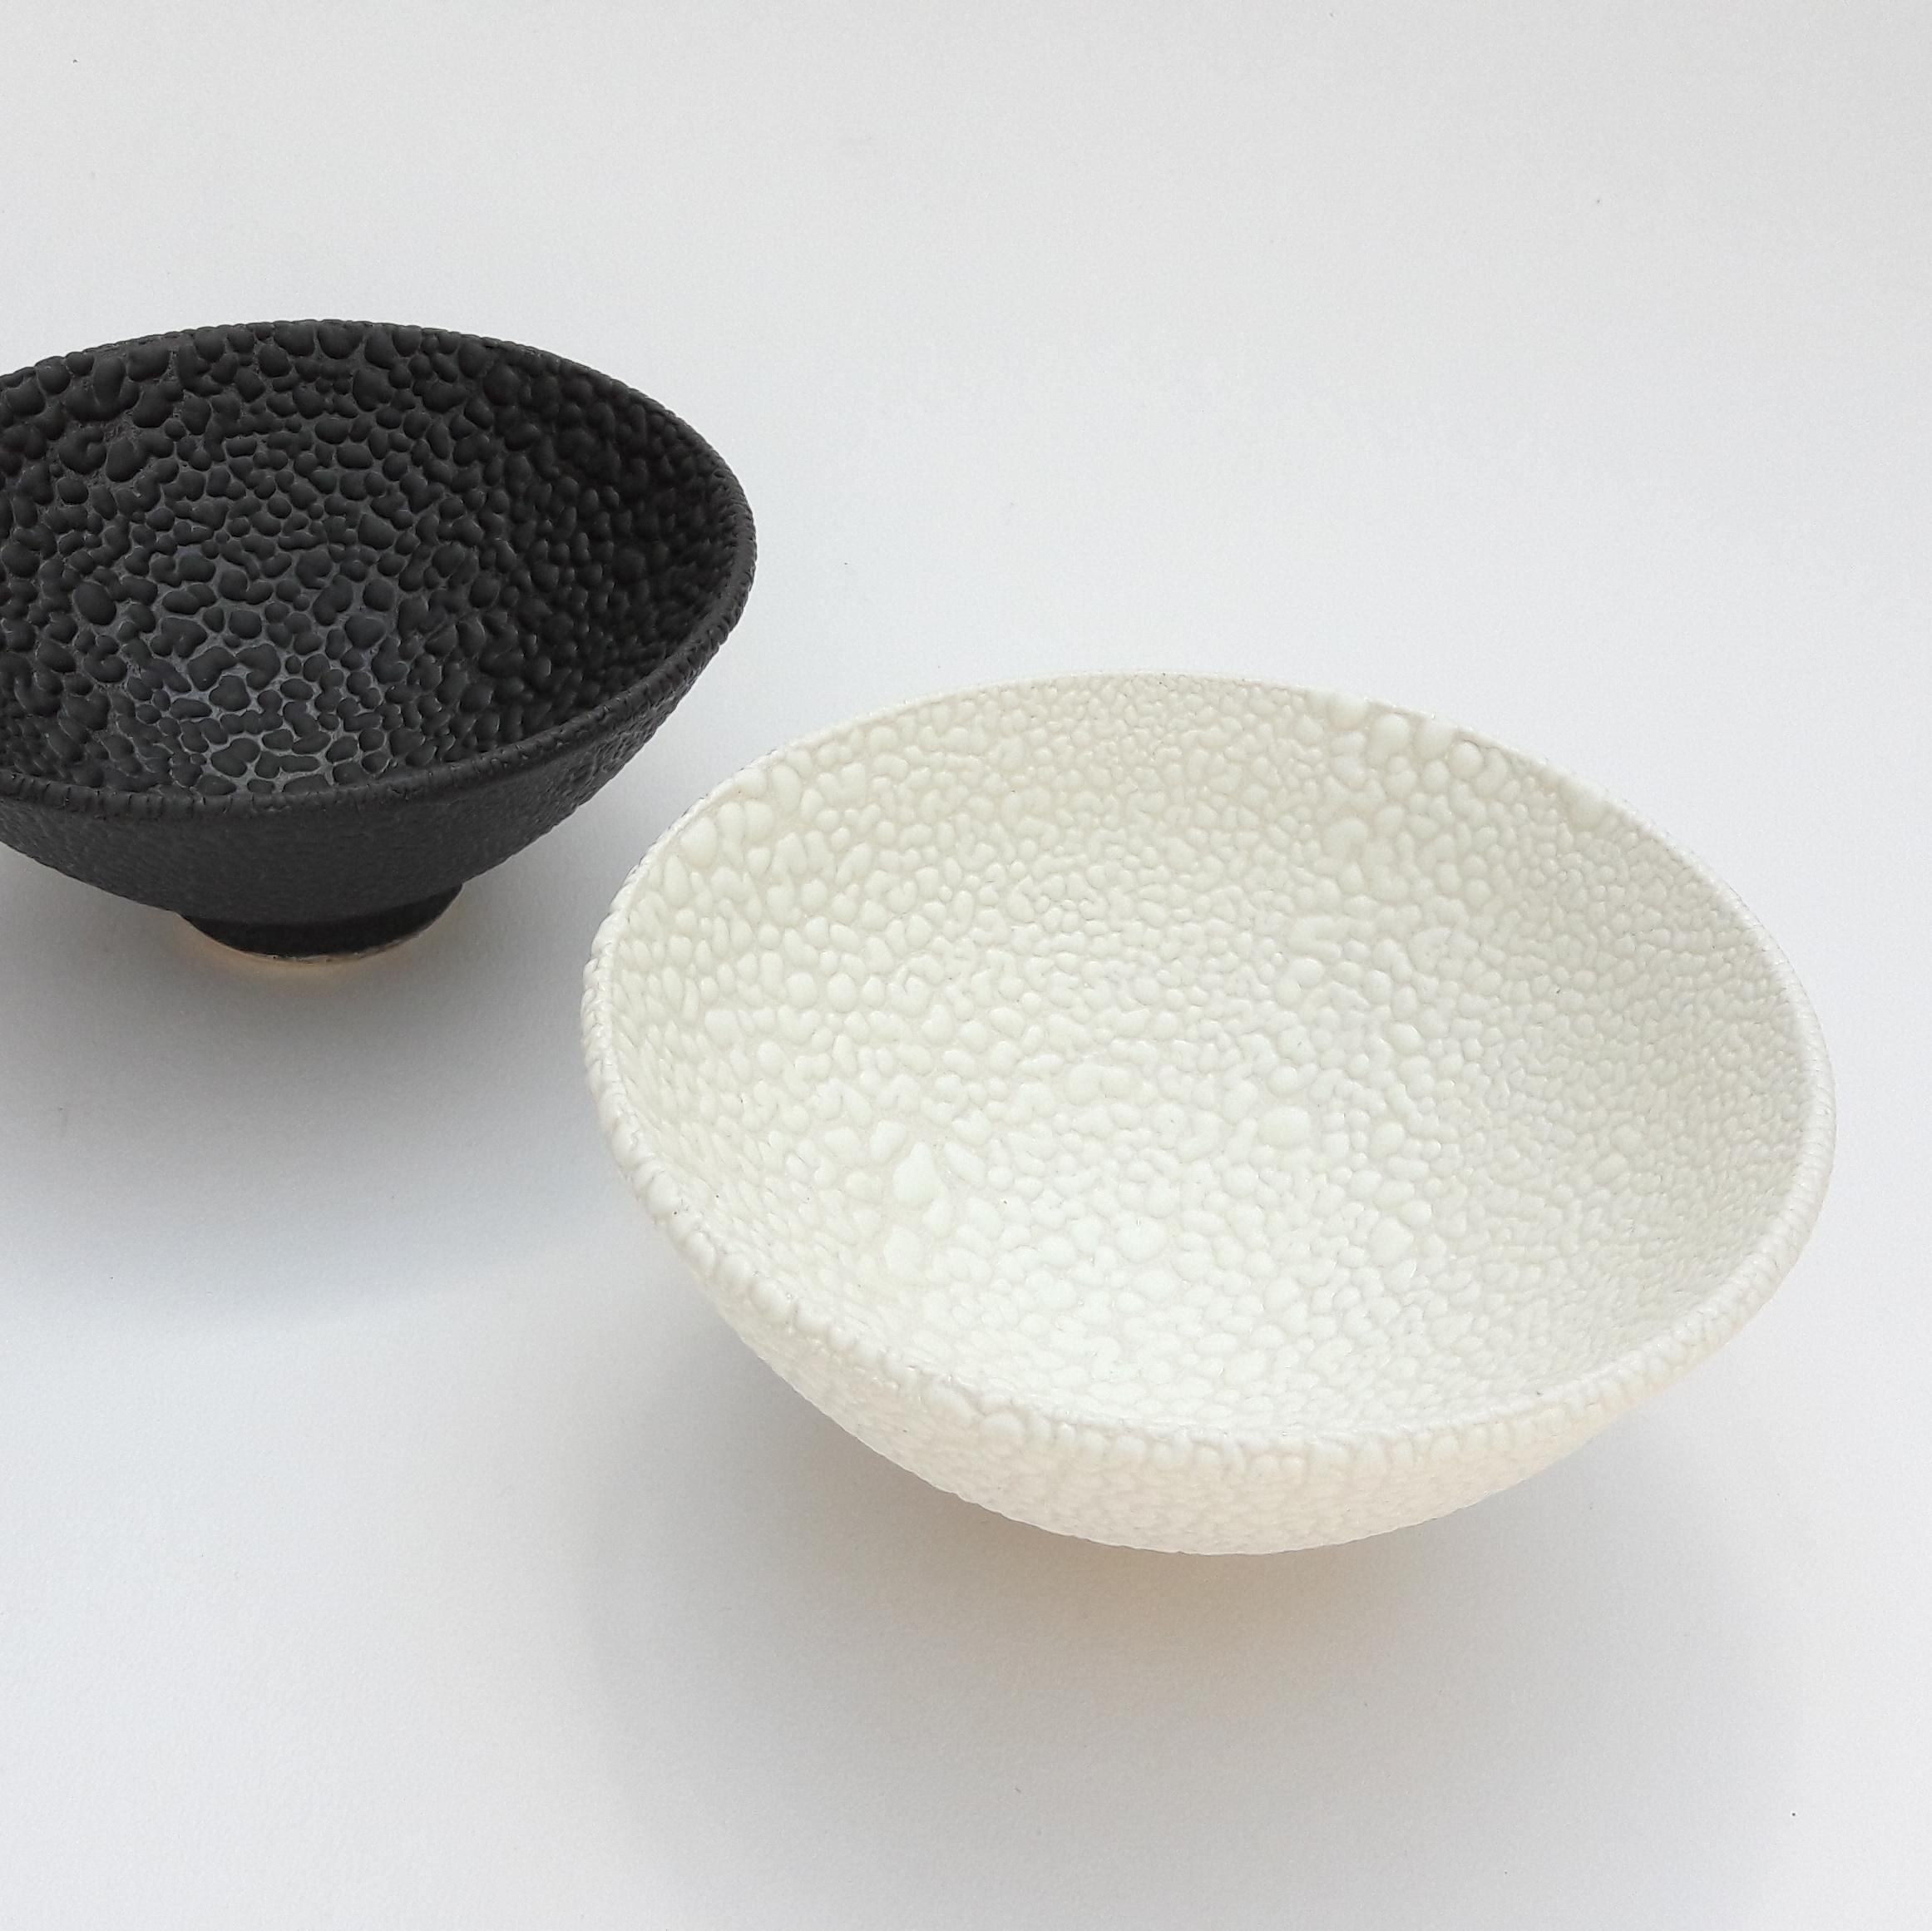 Bead Glazed Bowl  ceramic  15cm diameter £30  20cm diameter £65